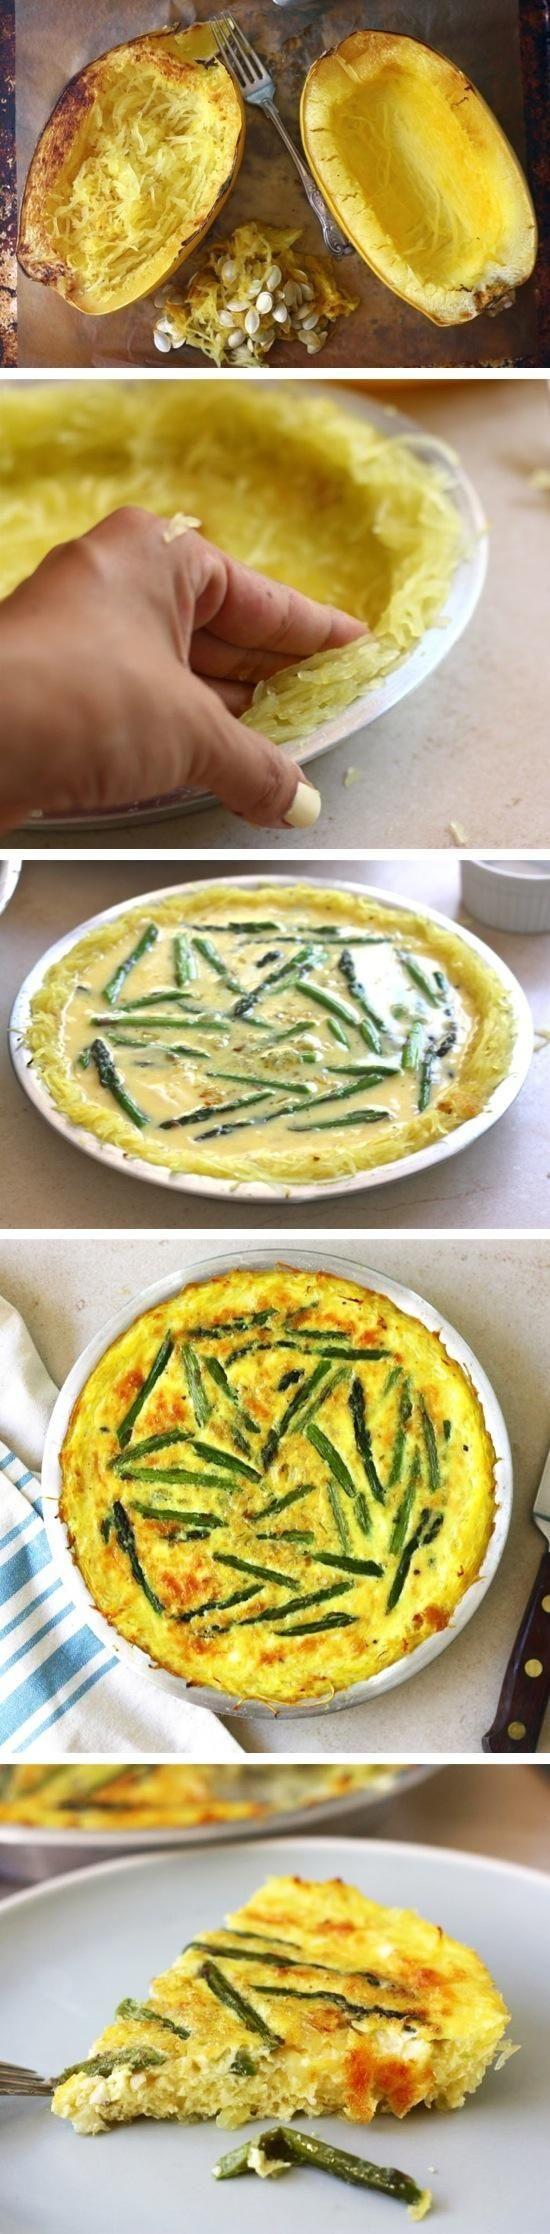 Asparagus Quiche with a Spaghetti Squash Crust, love the crust idea!